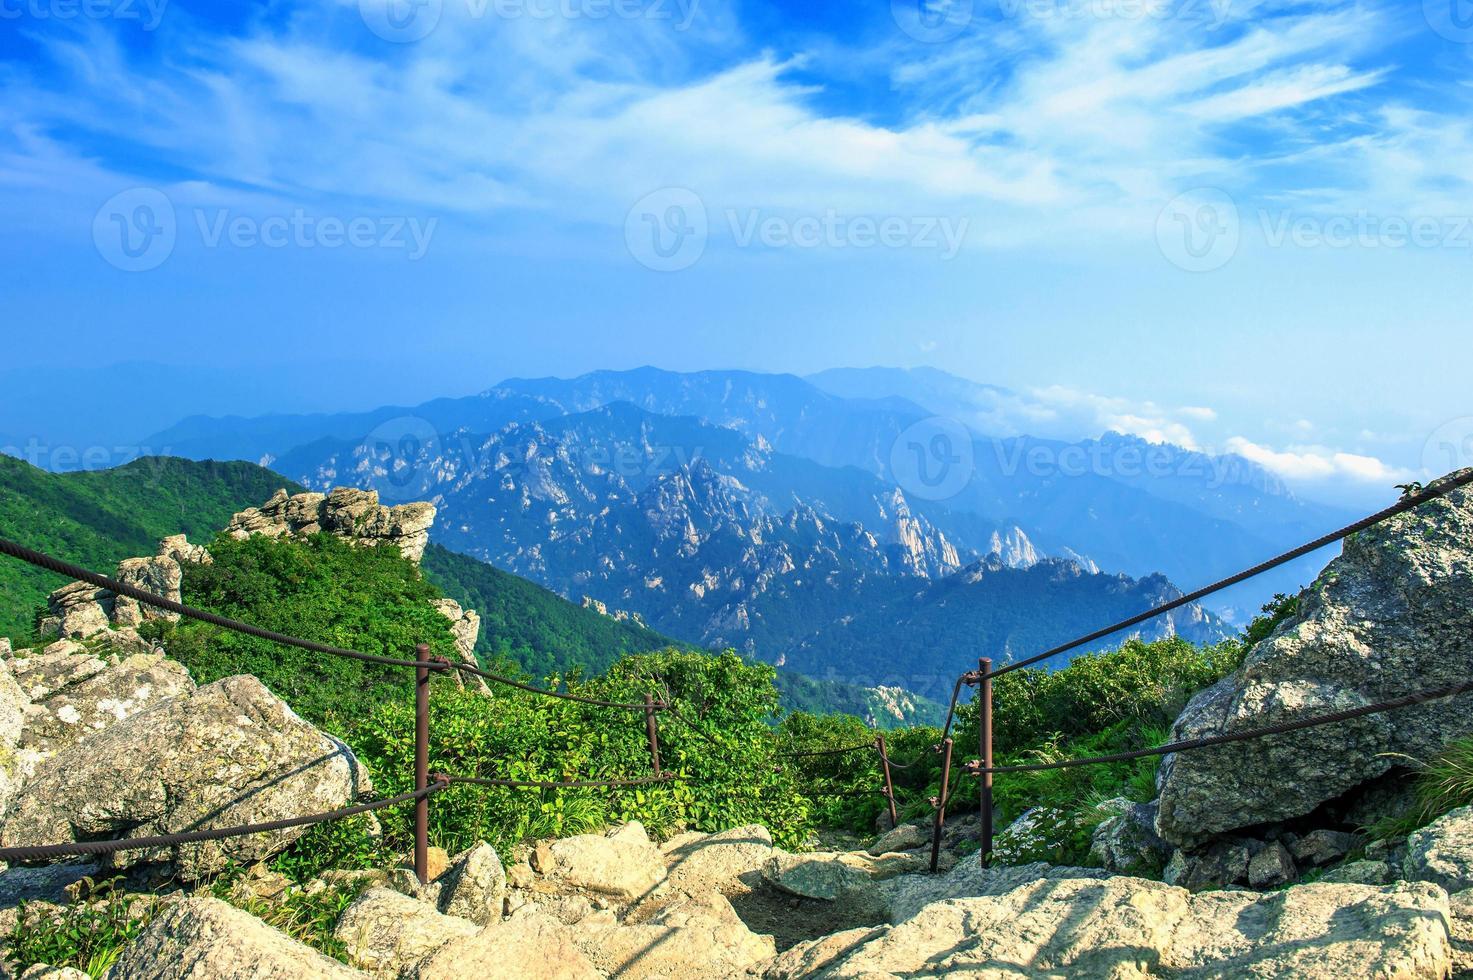 Seoraksan National Park, o melhor da montanha na Coréia do Sul. foto